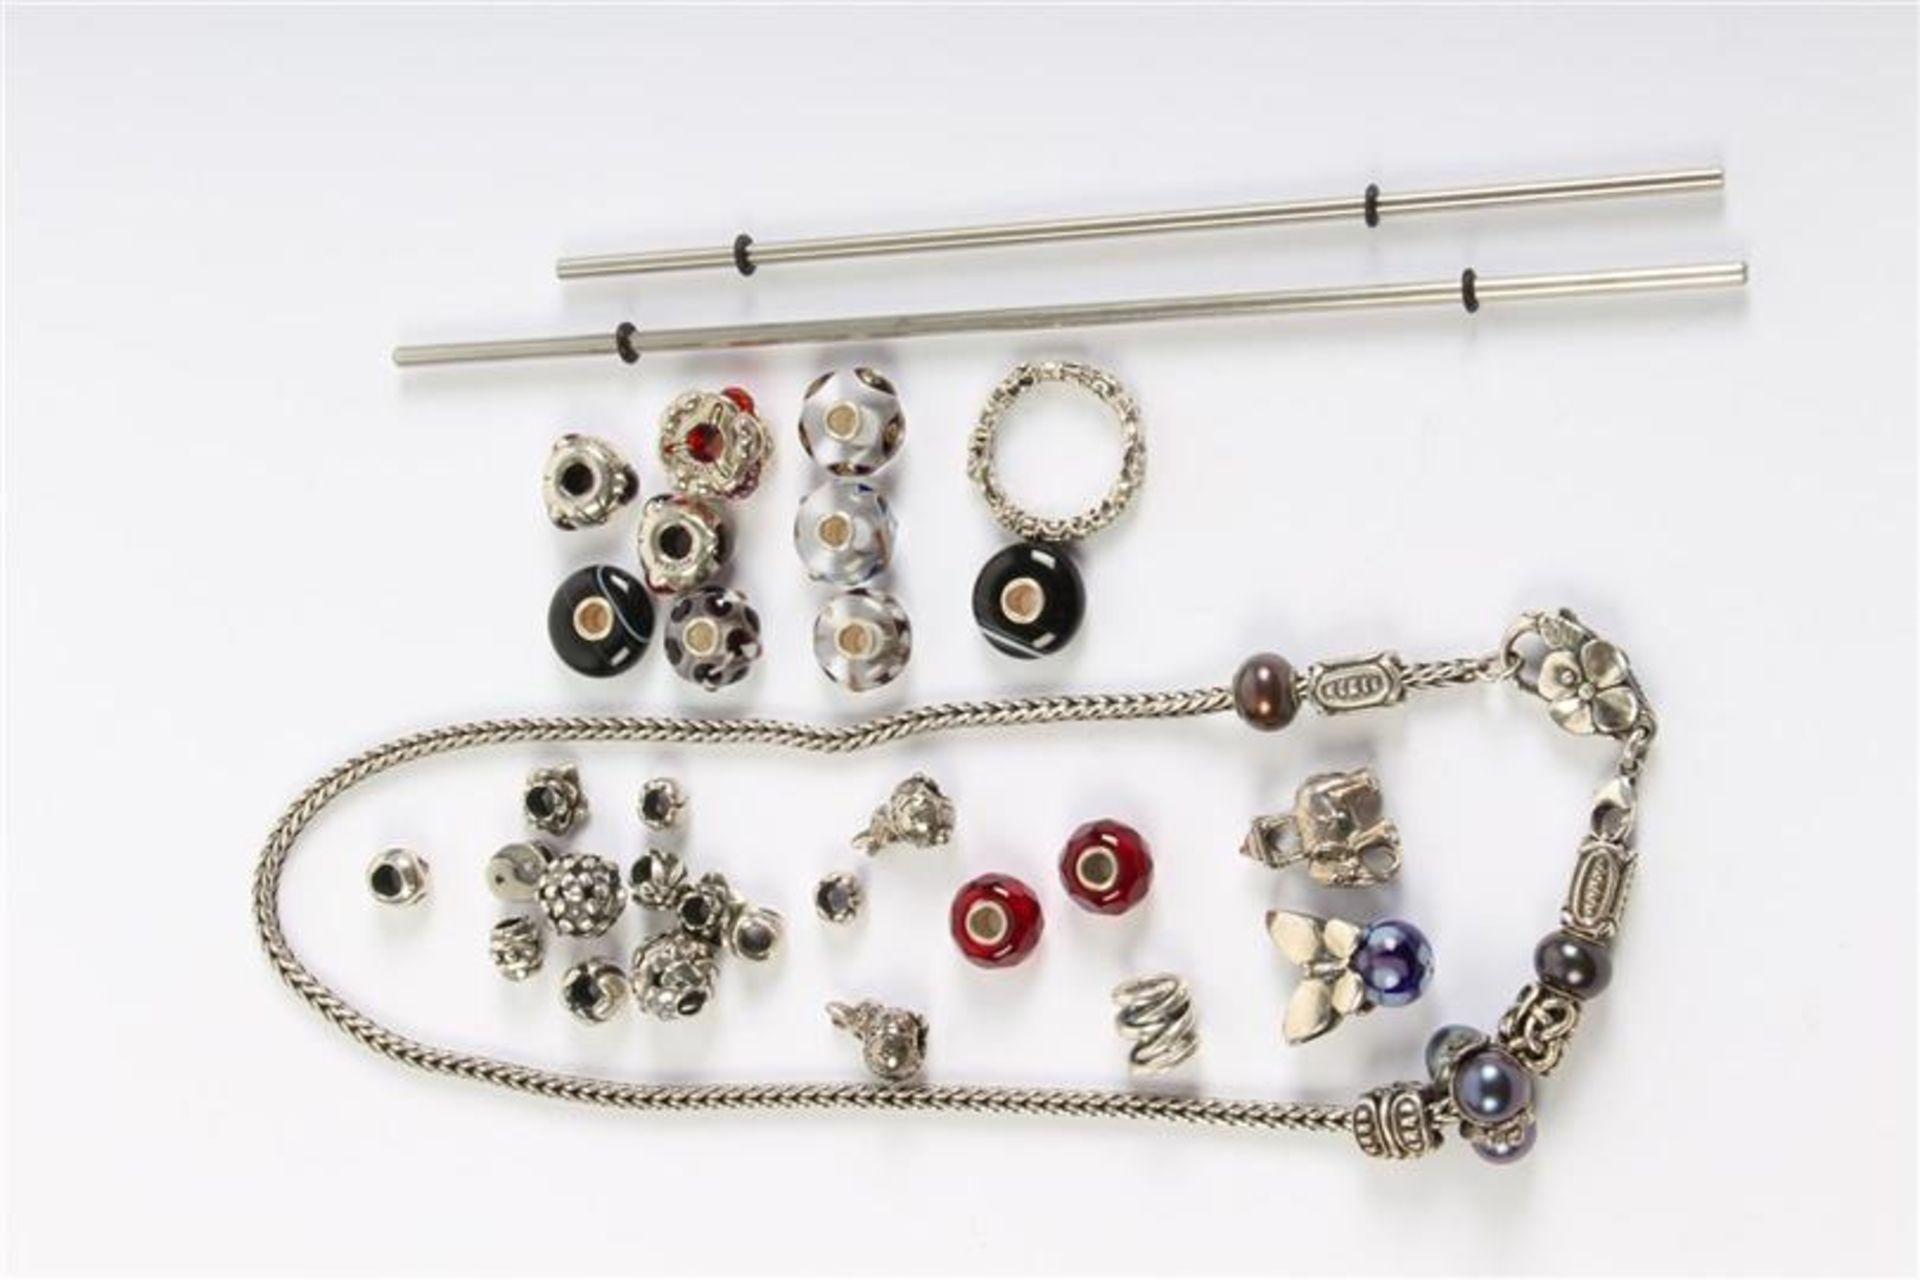 Zilveren collier met trollbeads en toebehoren, 1e gehalte, Hollands gekeurd.